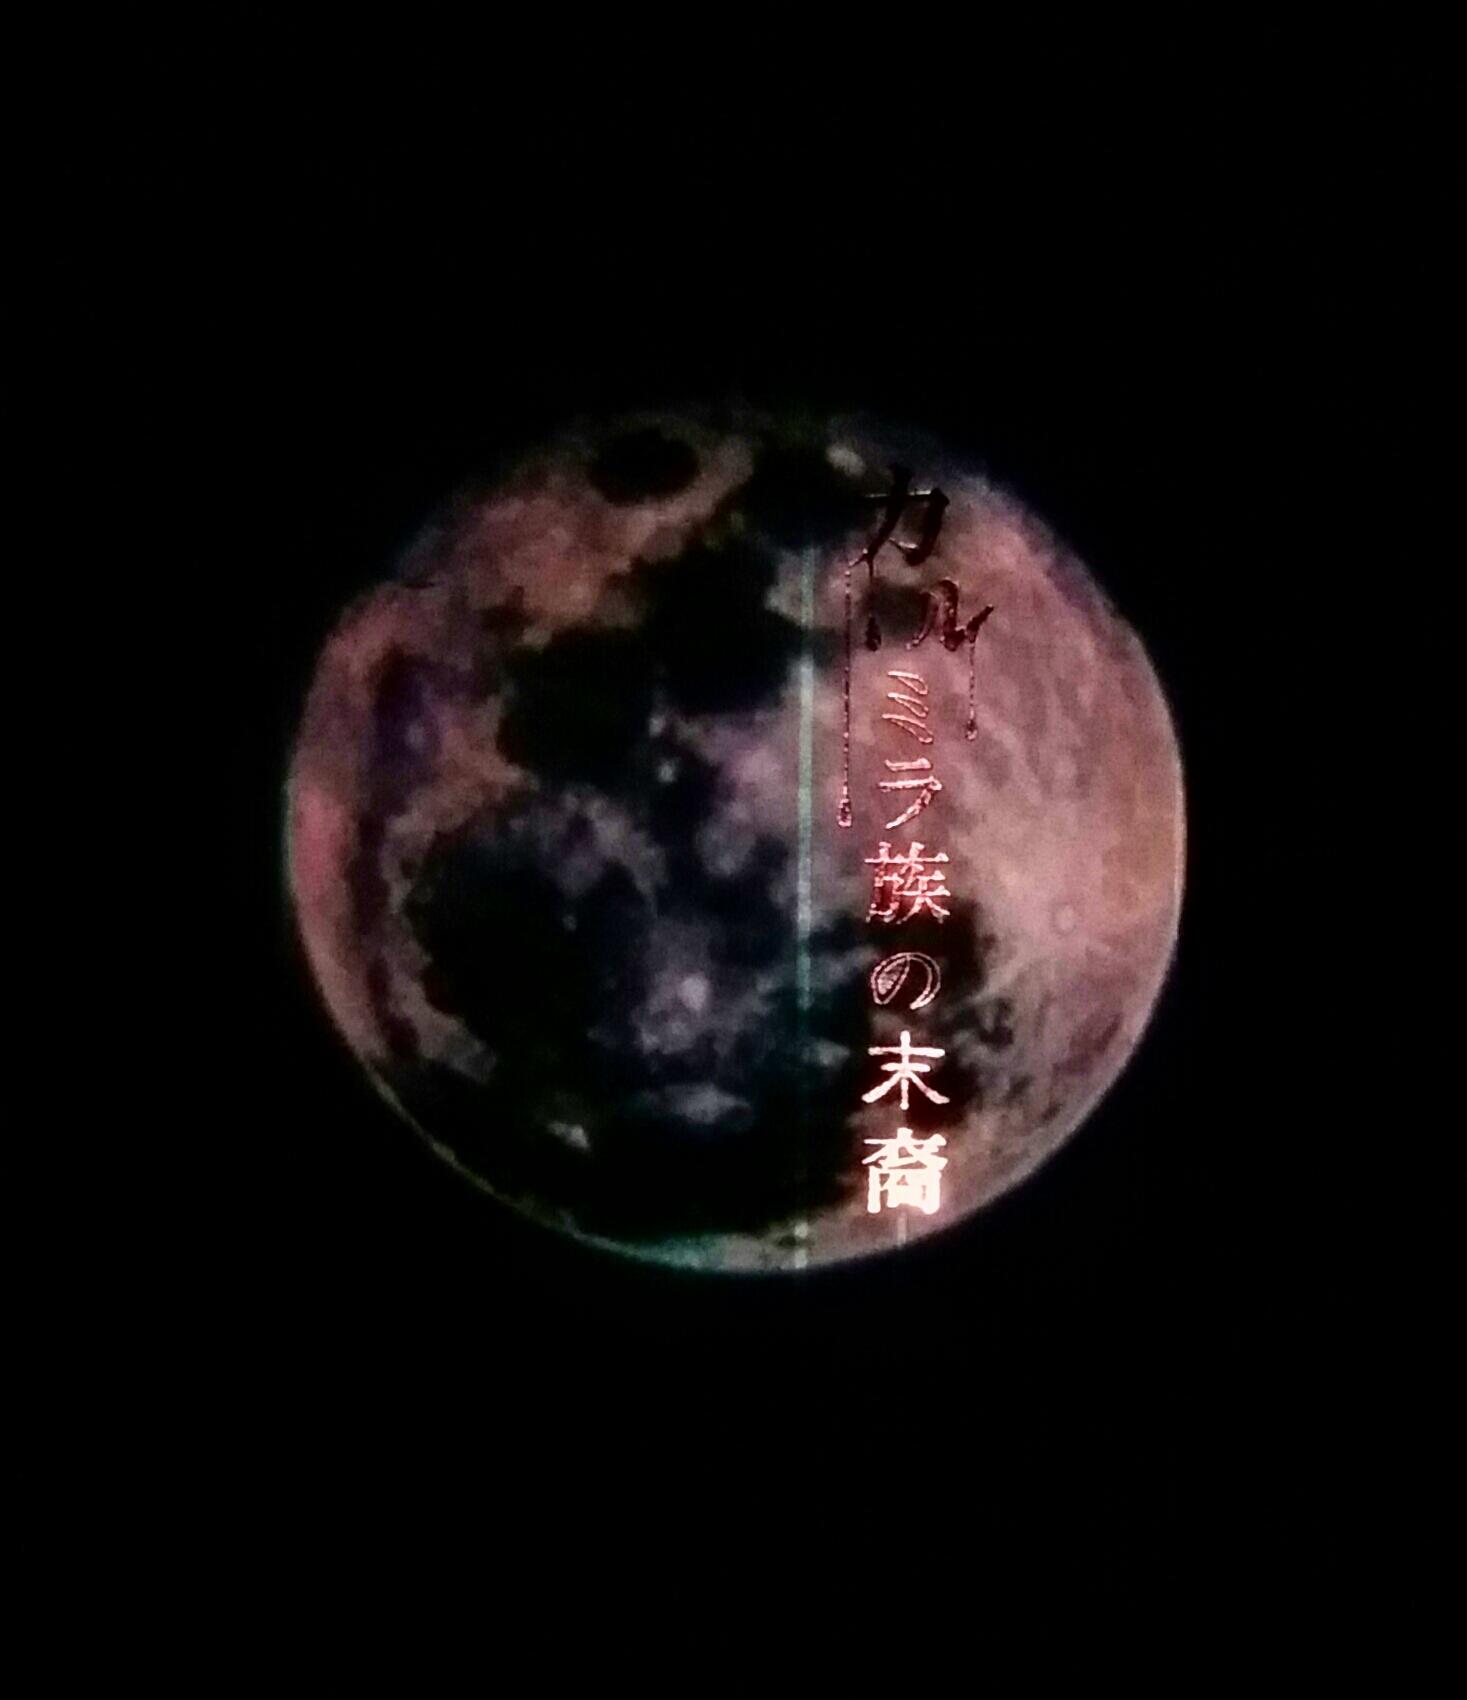 5/7(日)【文学フリマ】参加のお知らせ